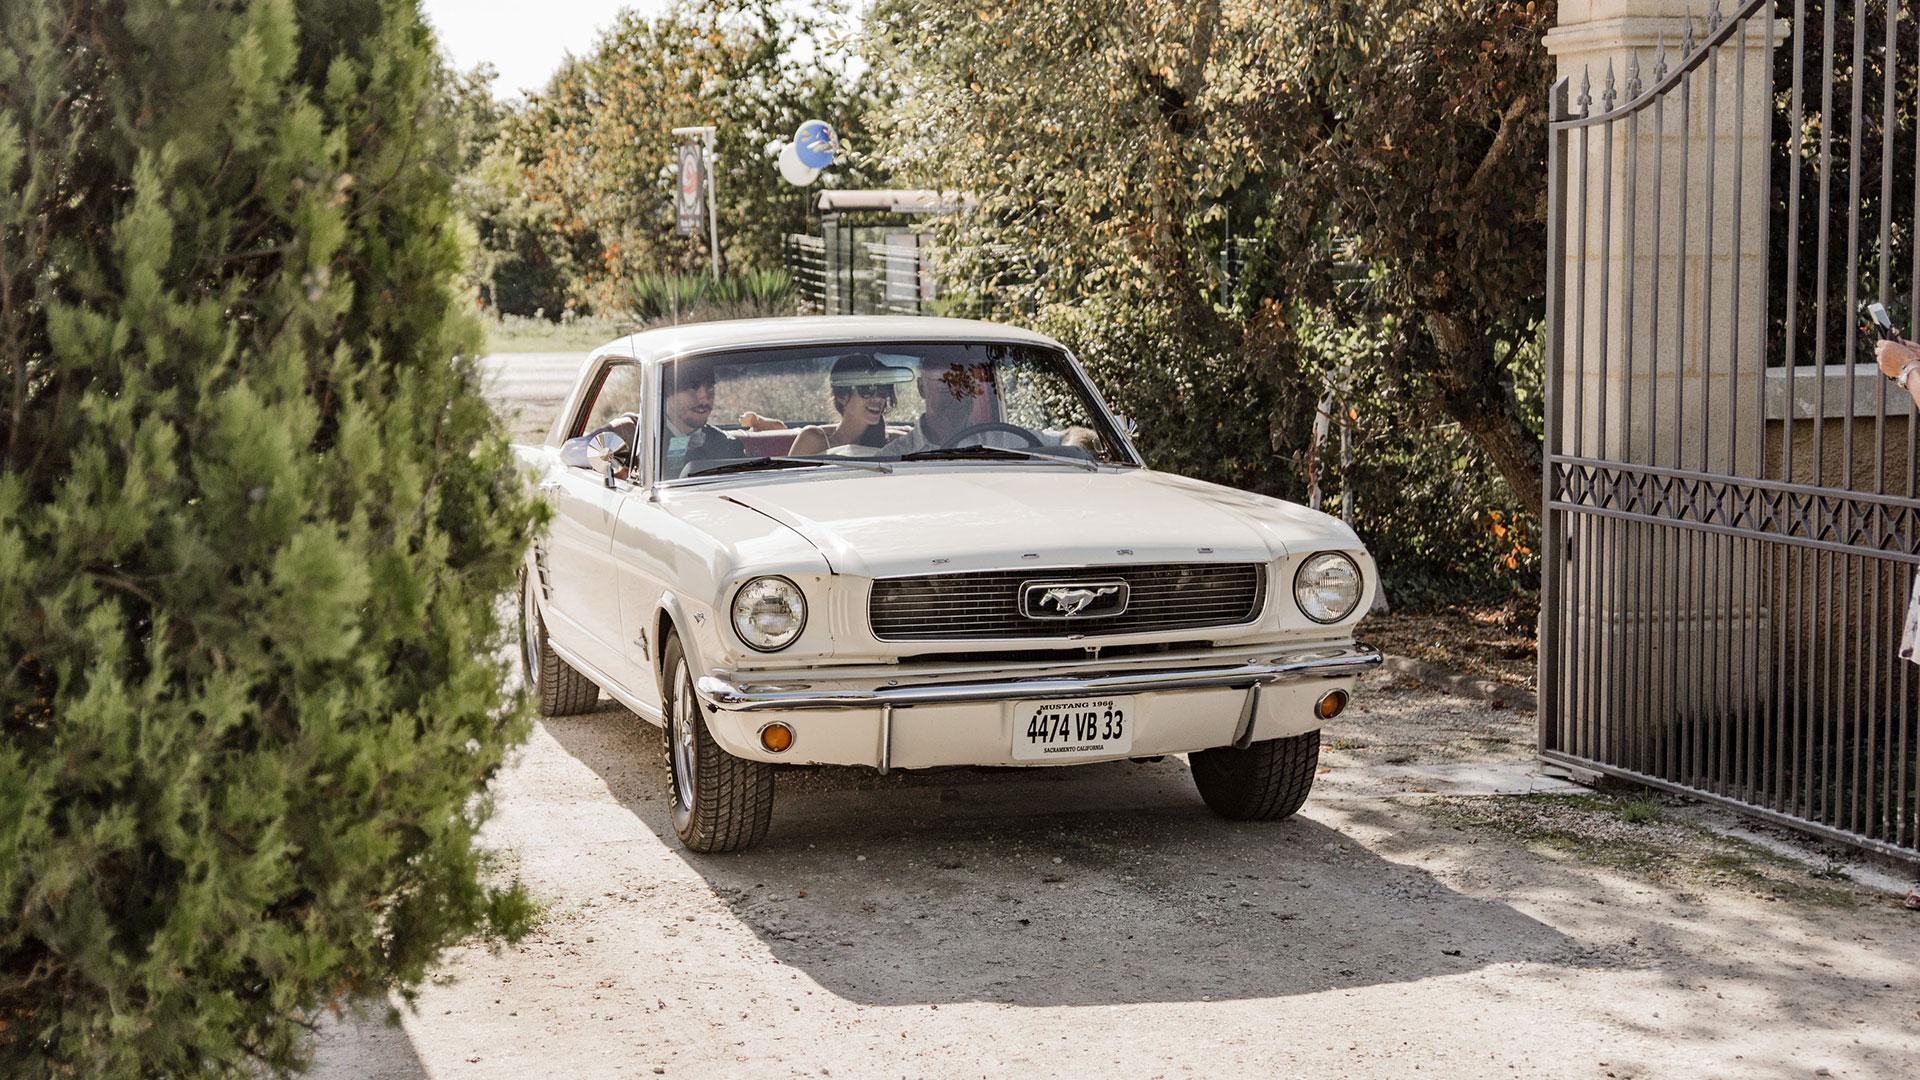 Une Ford Mustang entre au Domaine Pascaud sous le soleil